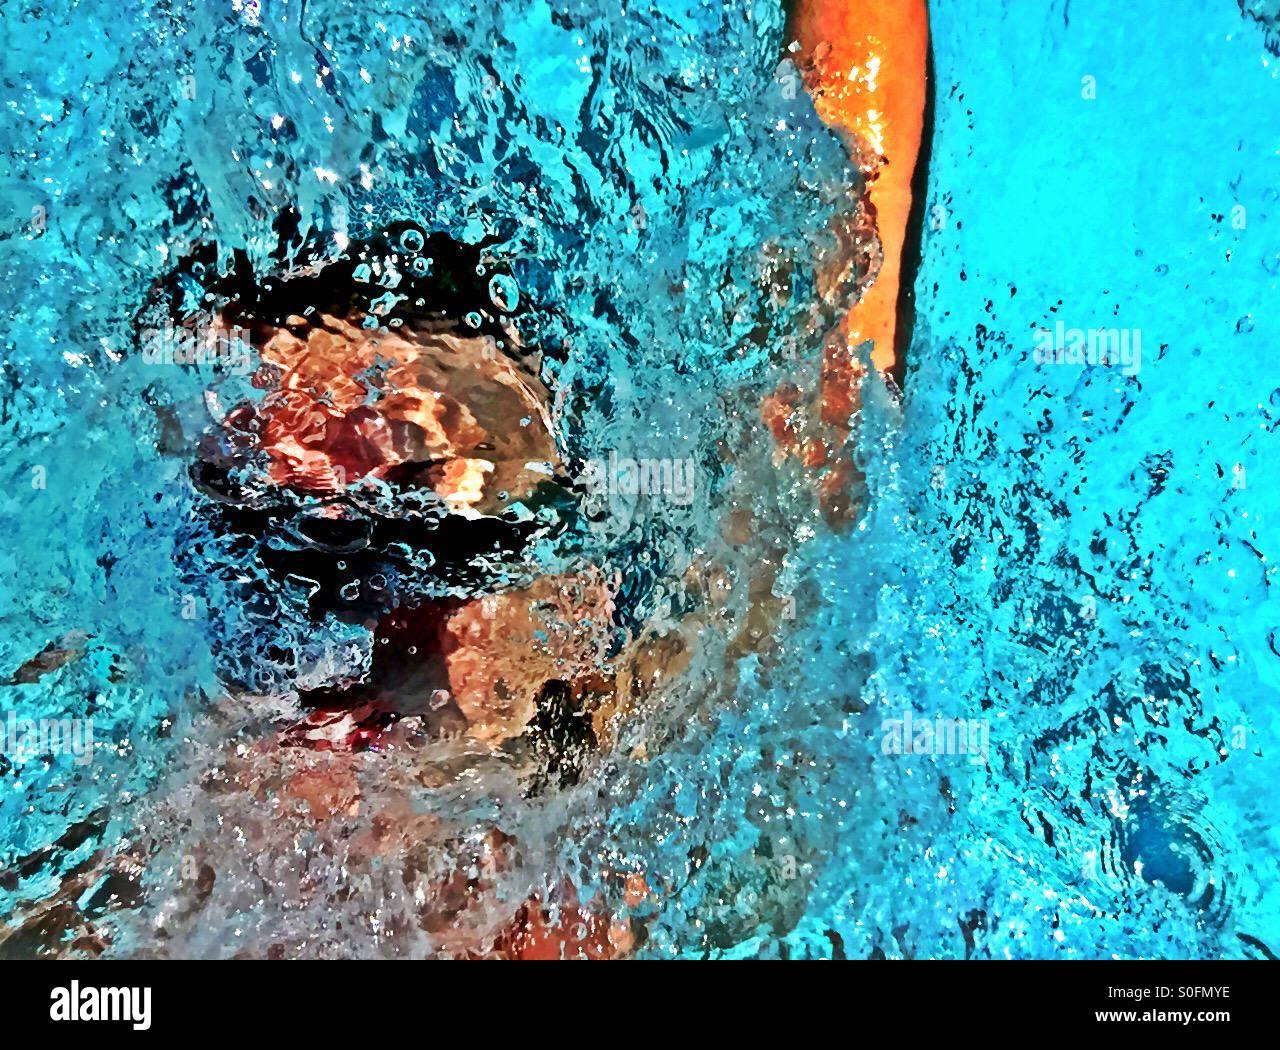 Closeup vista arriba goggled hombre competencia de nado espalda inundada a raíz de las salpicaduras de agua Imagen De Stock